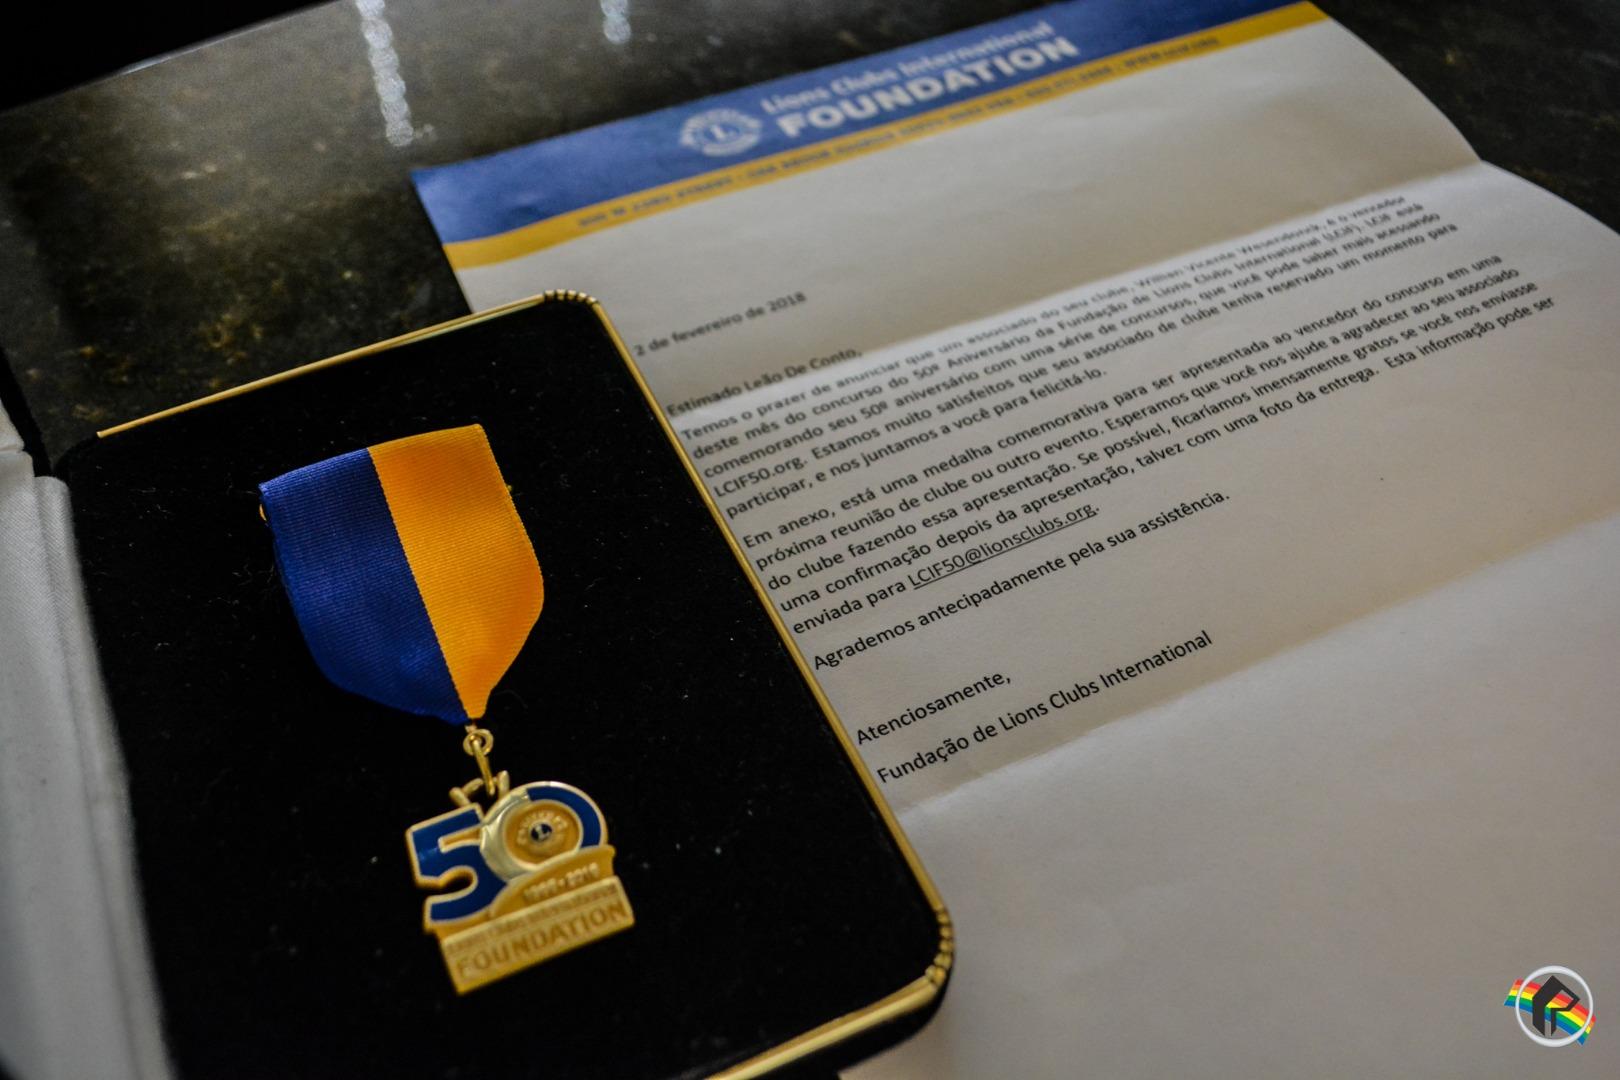 Integrante do LEO Clube vence concurso da Fundação de Lions Clubs Internacional